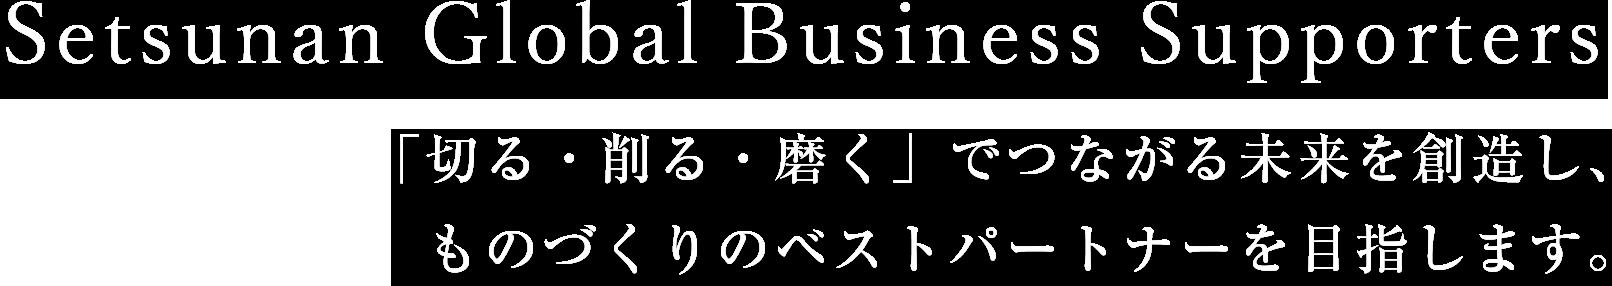 攝南株式会社は、ビジネスで世界に貢献いたします。